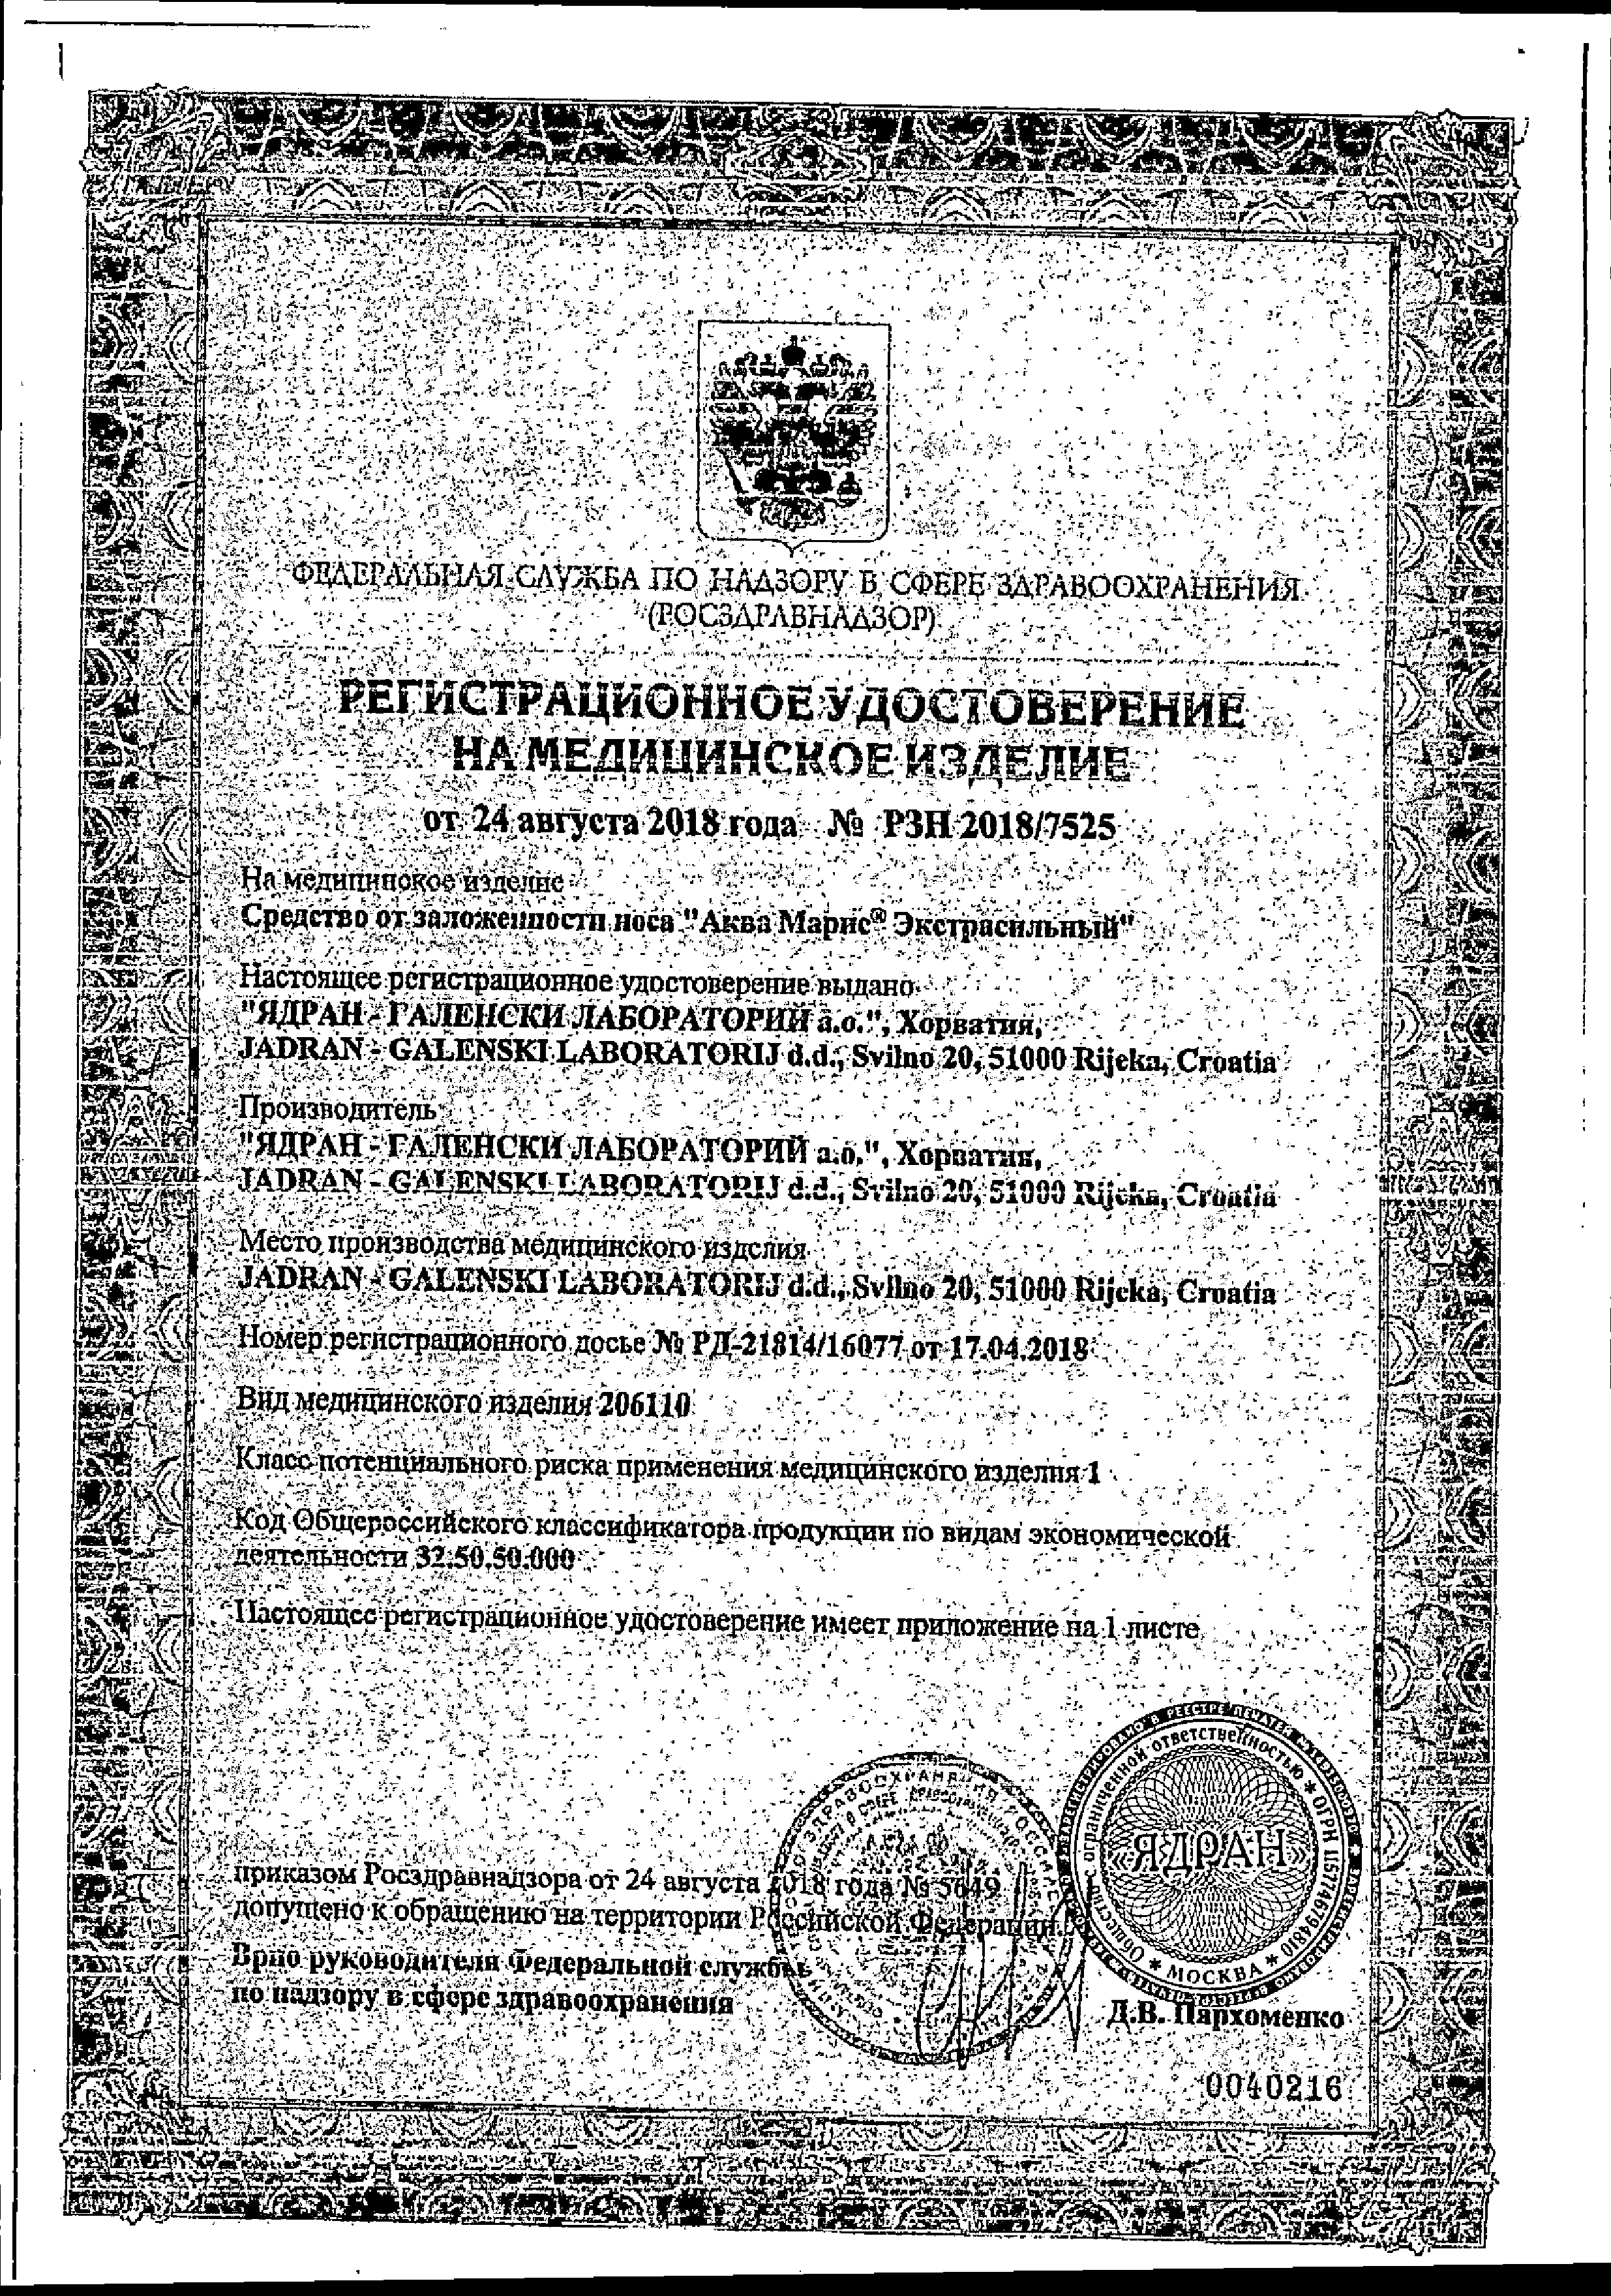 Аква Марис Экстрасильный сертификат